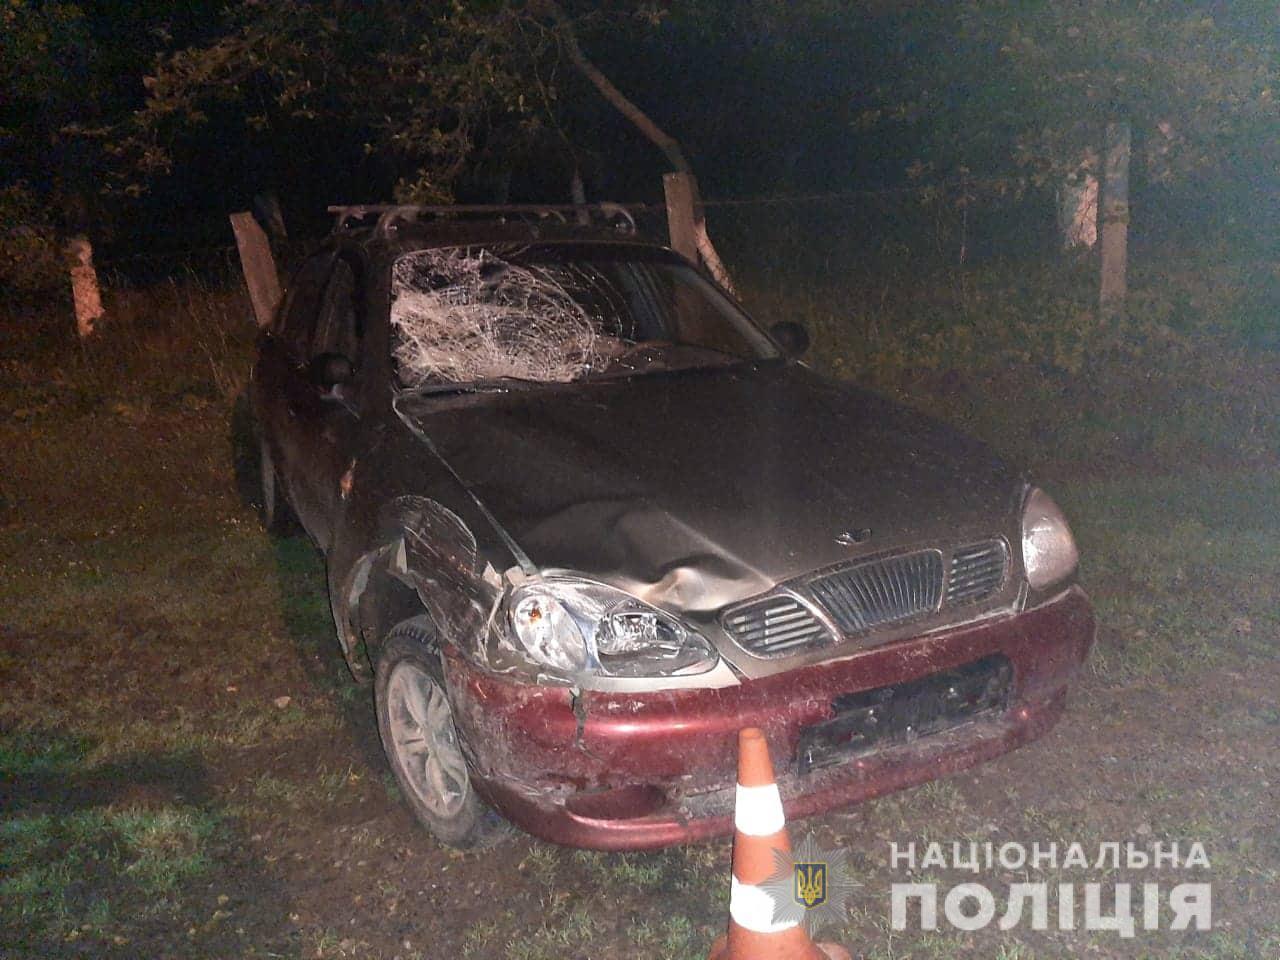 Водій, який вчинив смертельну ДТП на Долинщині, був нетверезим